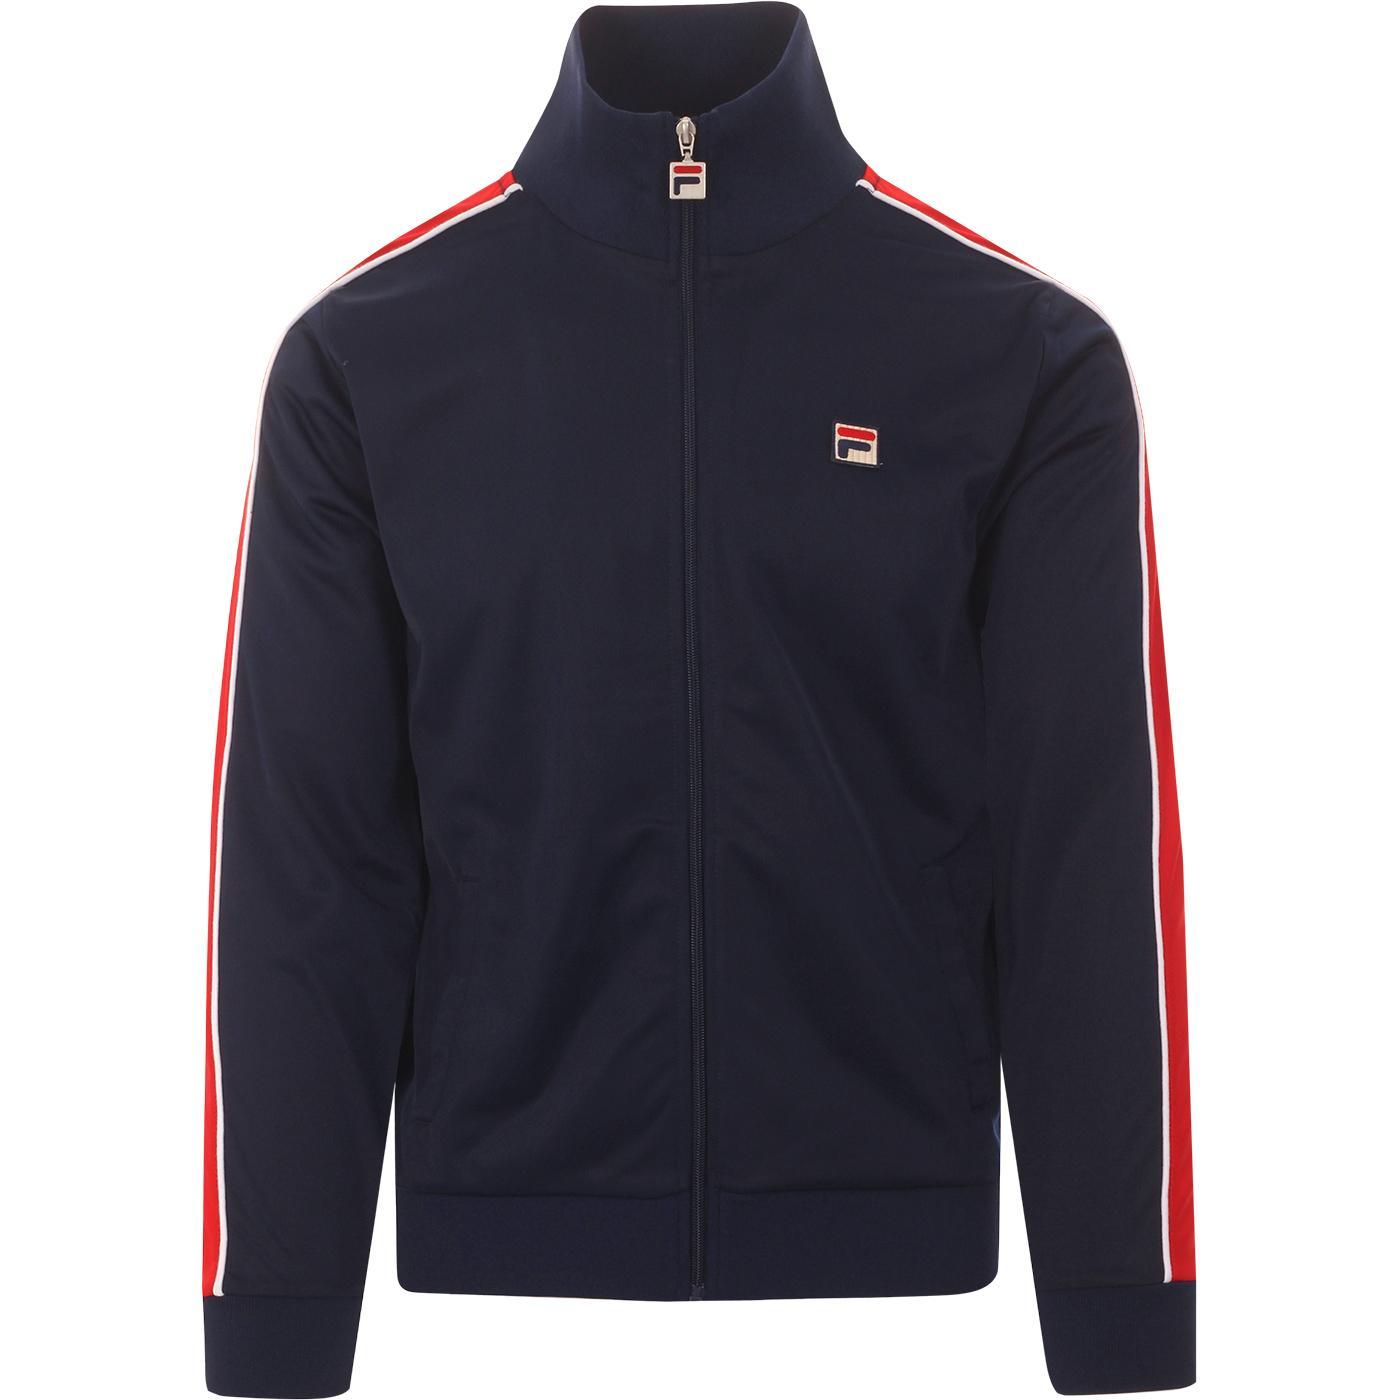 Wicks FILA VINTAGE 80s Stripe Sleeve Track Jacket